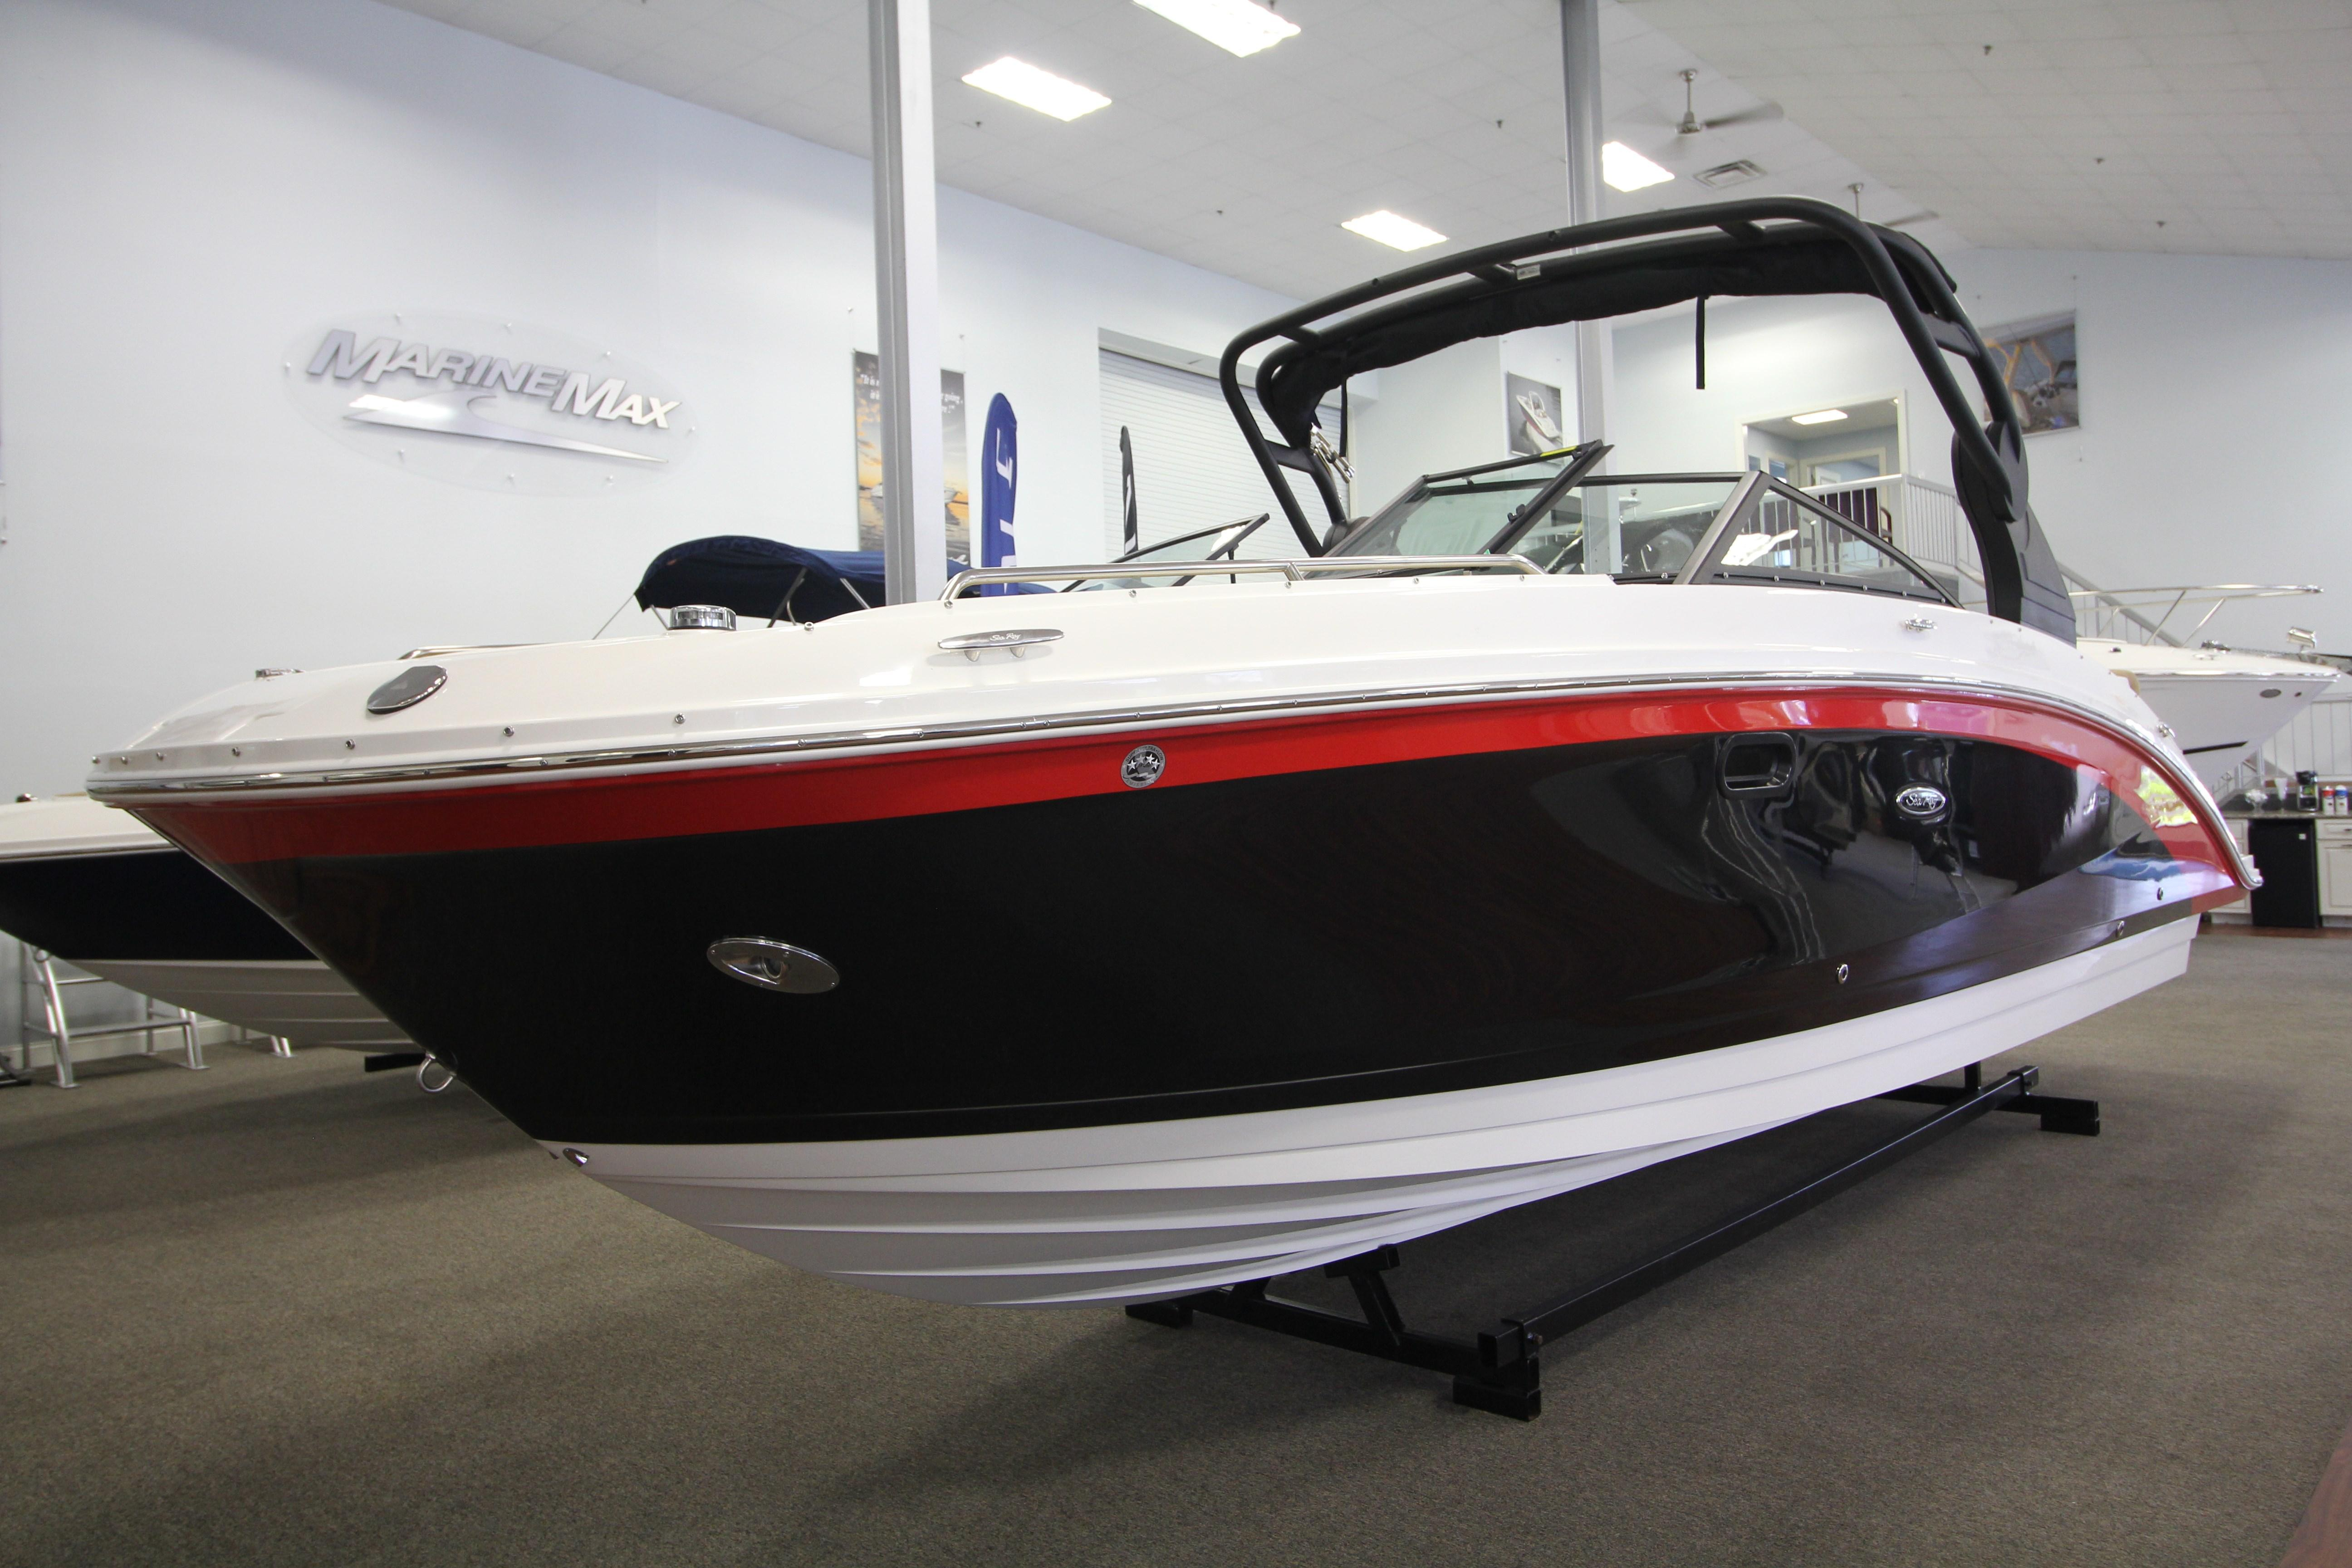 2018 Sea Ray SDX 270 Power Boat For Sale Wwwyachtworldcom